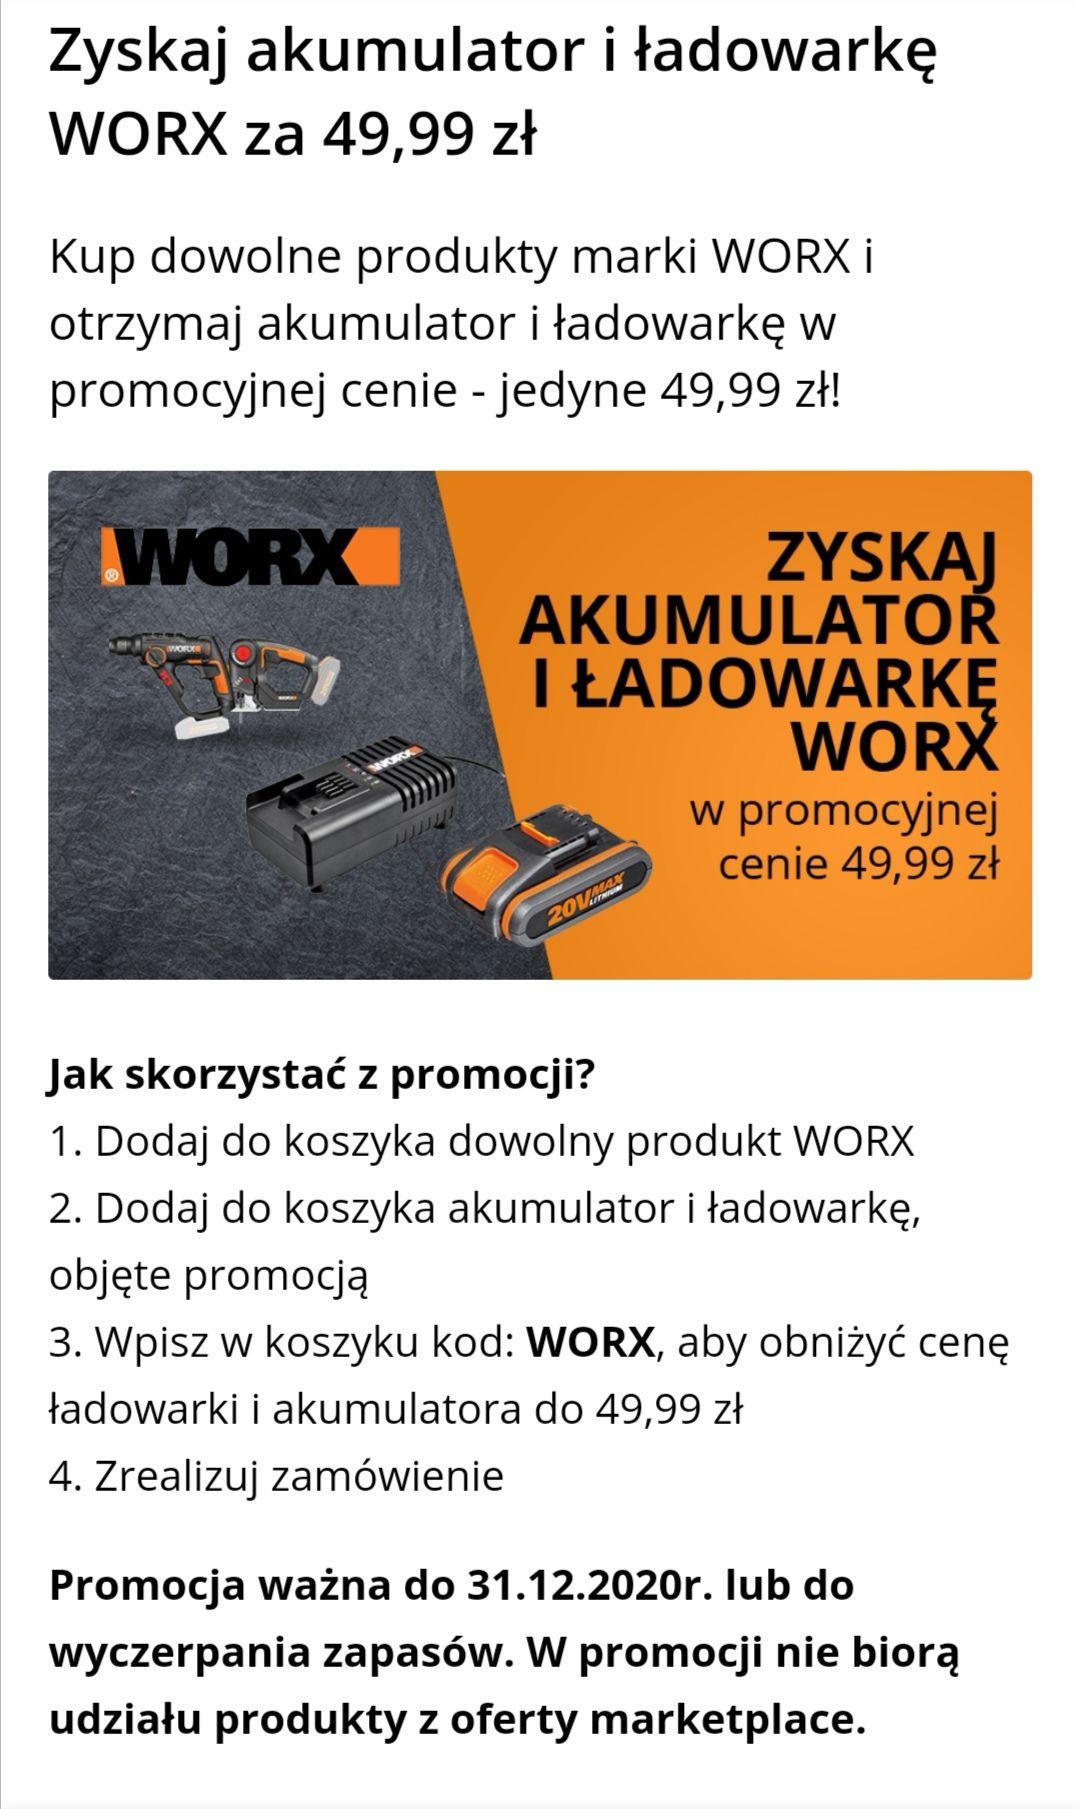 Akumulator + ładowarka za 50 zł przy zakupie narzędzi WORX na stronie budujesz.pl